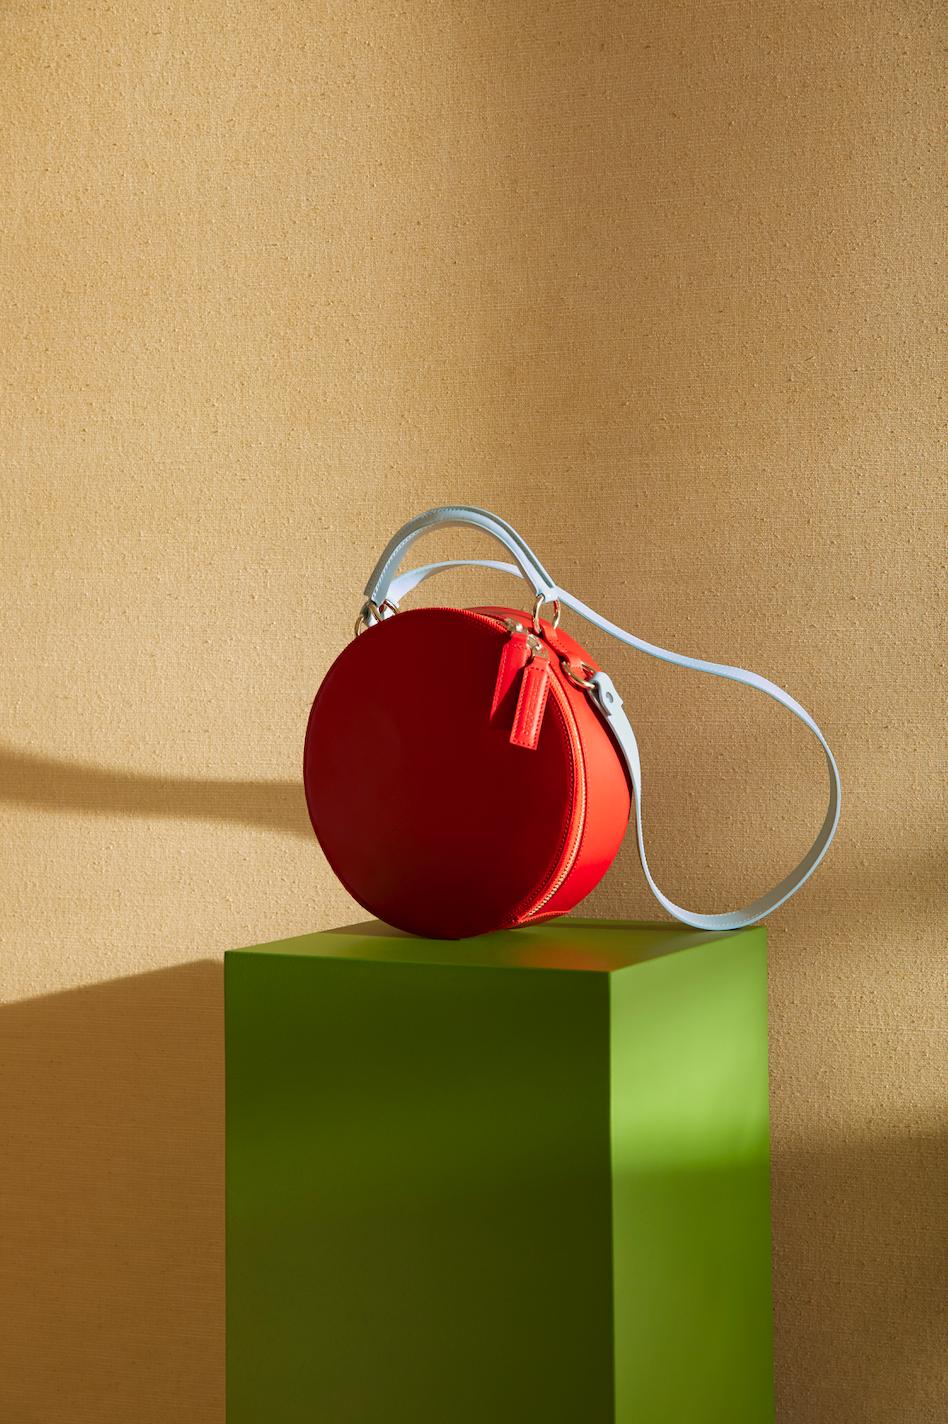 Marimekko Bags pre-fall 2019 for Marimekko by Susanna Vento